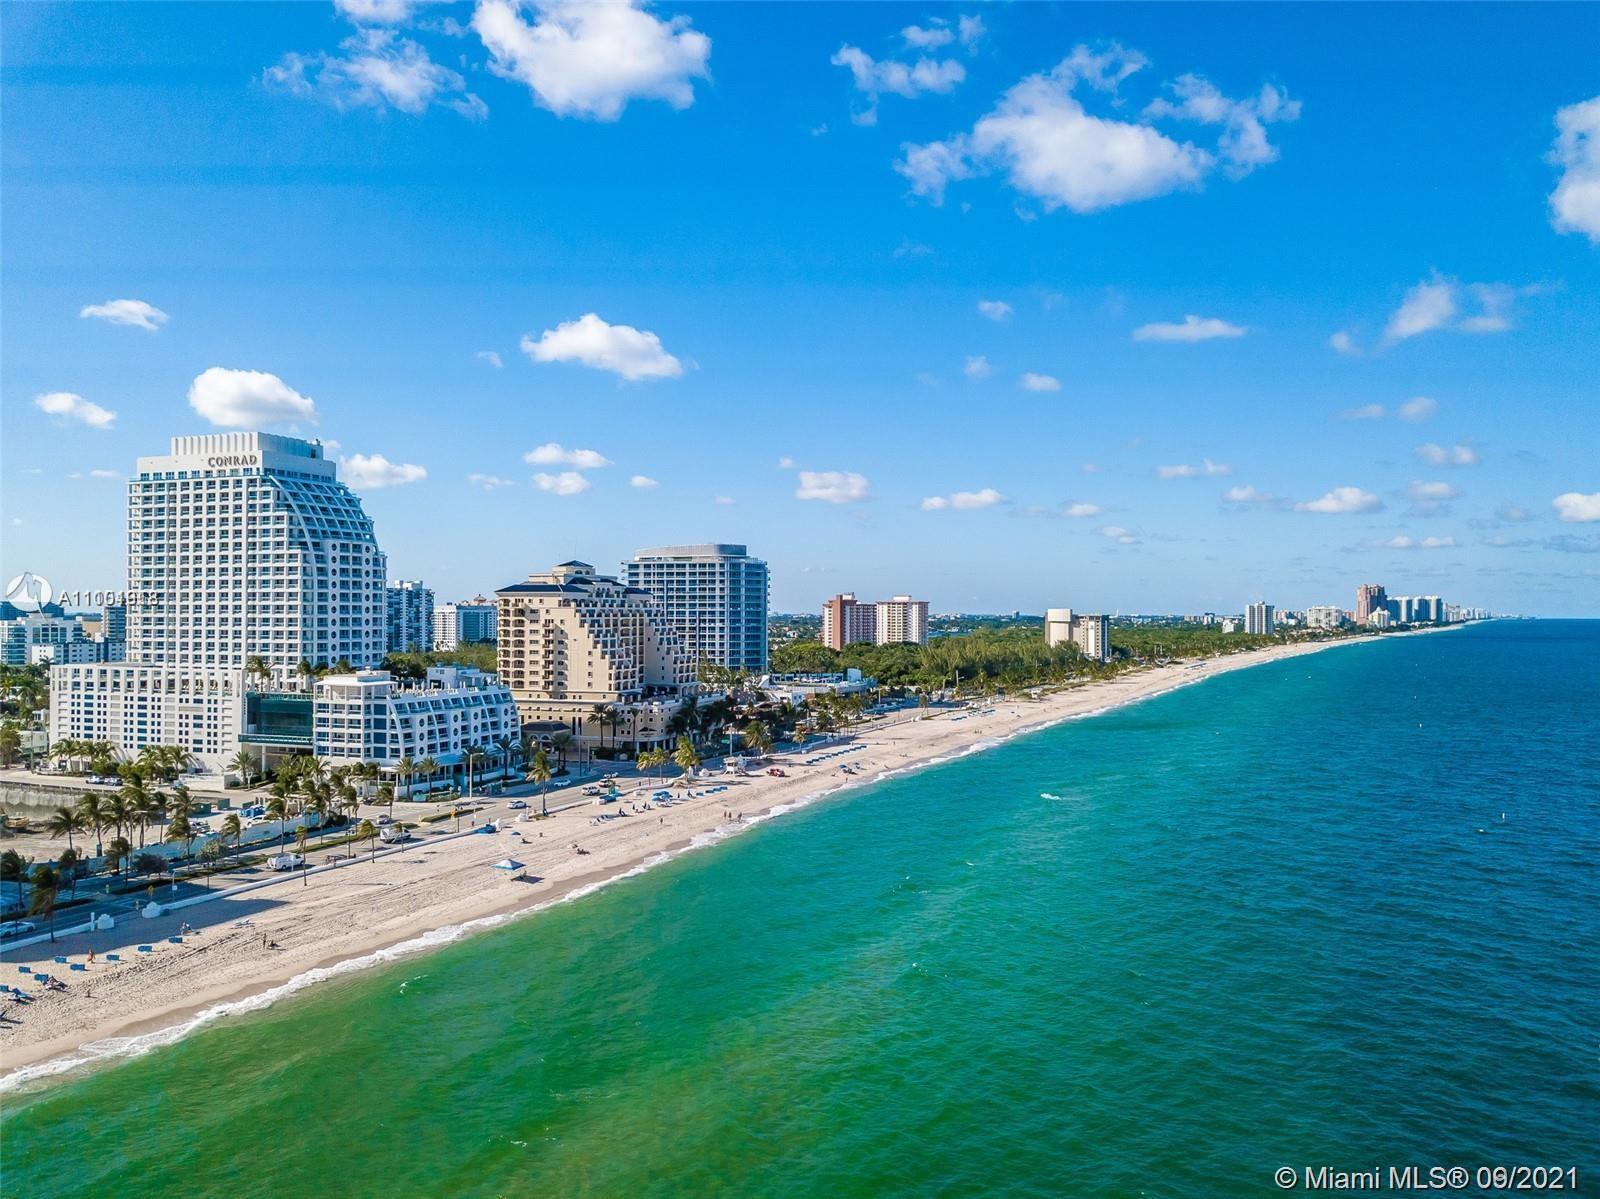 Ocean Resort Residences #R1810 - 551 N Fort Lauderdale Beach Blvd #R1810, Fort Lauderdale, FL 33304